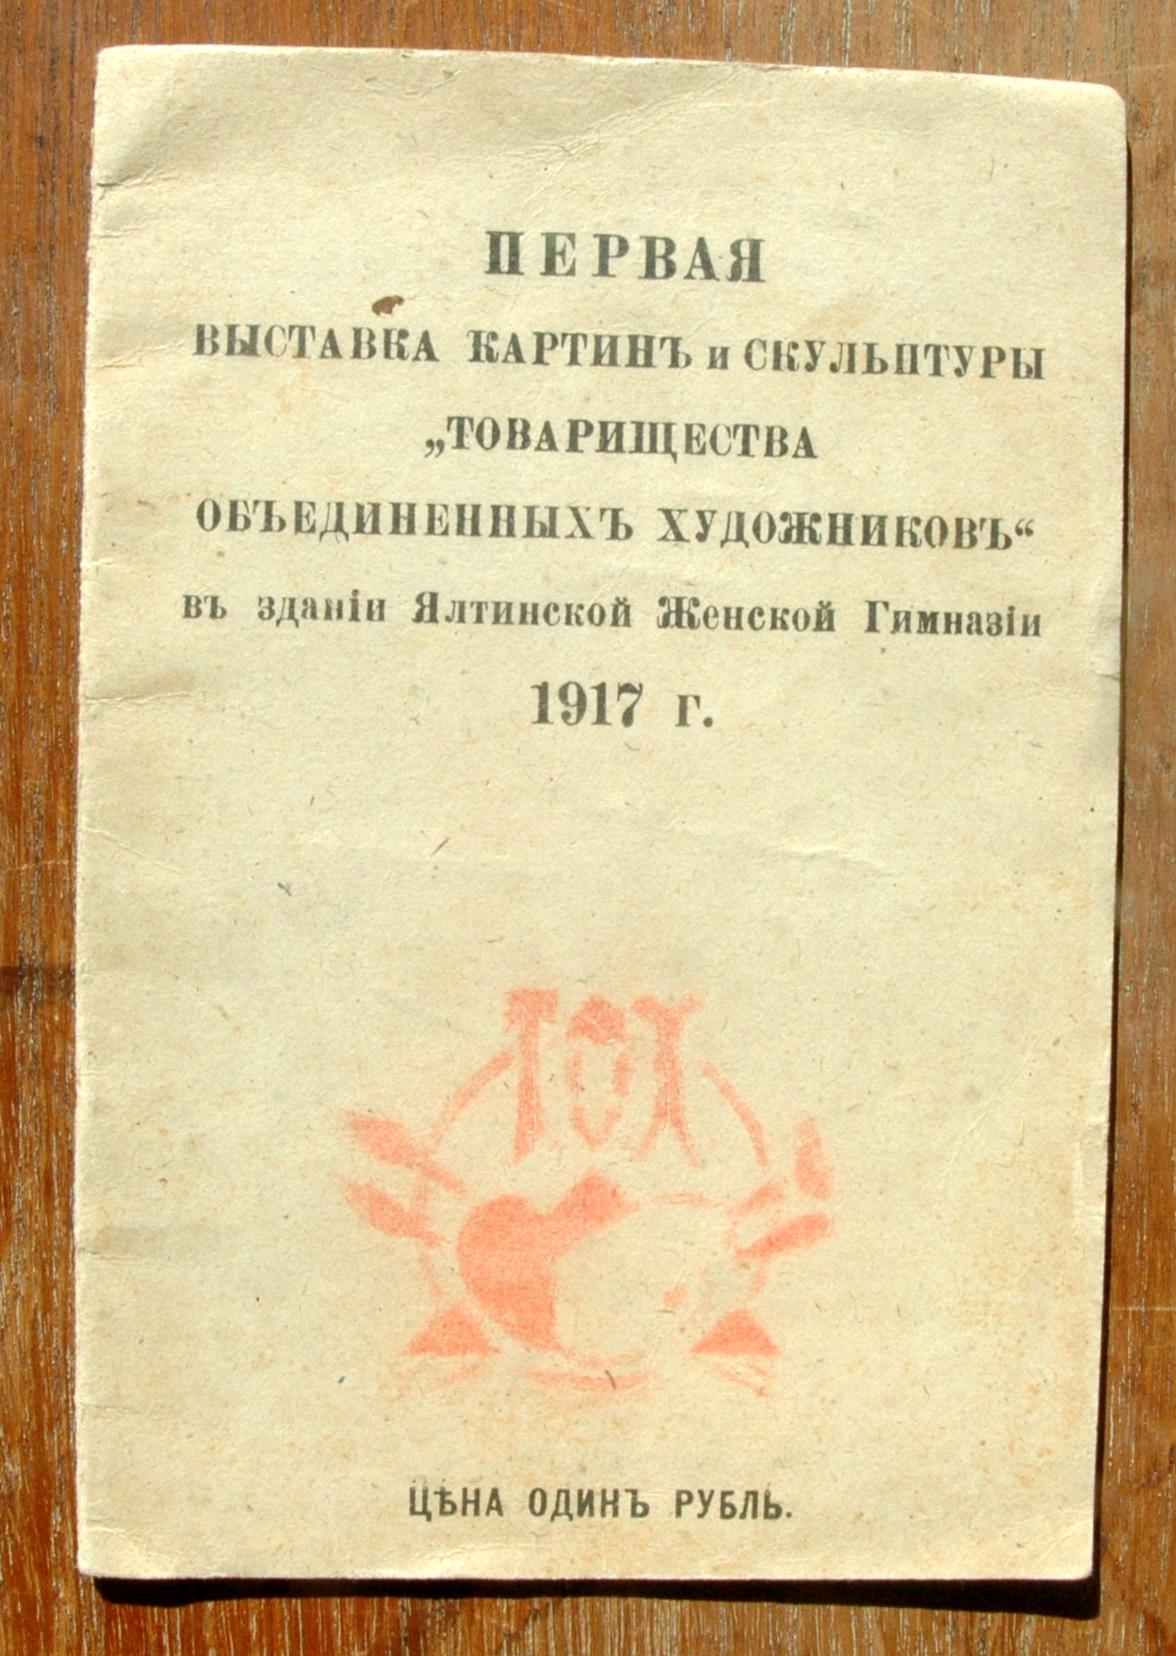 vystavka_1917_00_DSC_0611